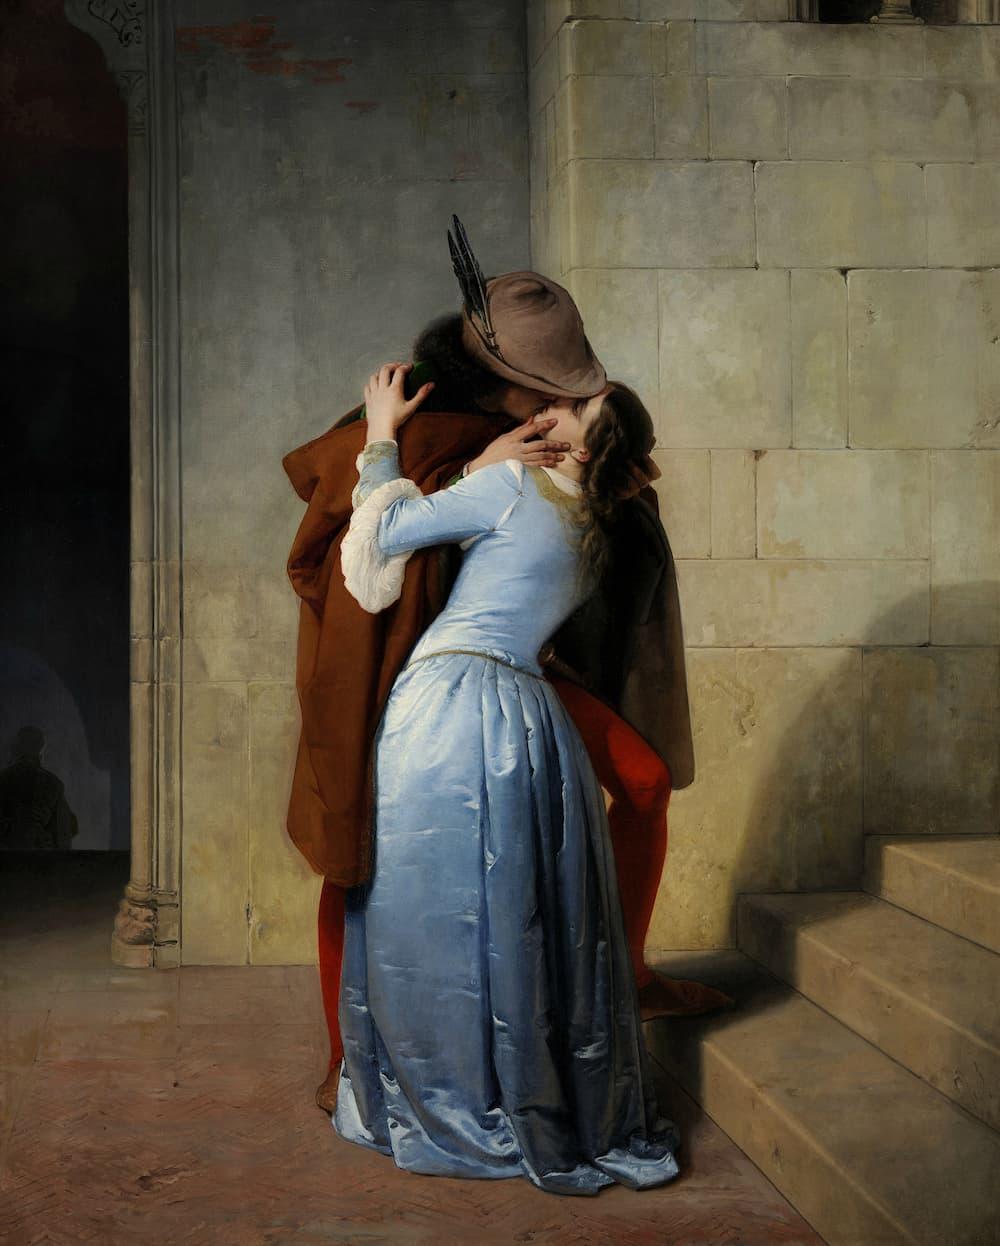 フランチェスコ・アイエツ作「イル・バーチョ(キス)」(1859年作、ブレラ絵画館所蔵)